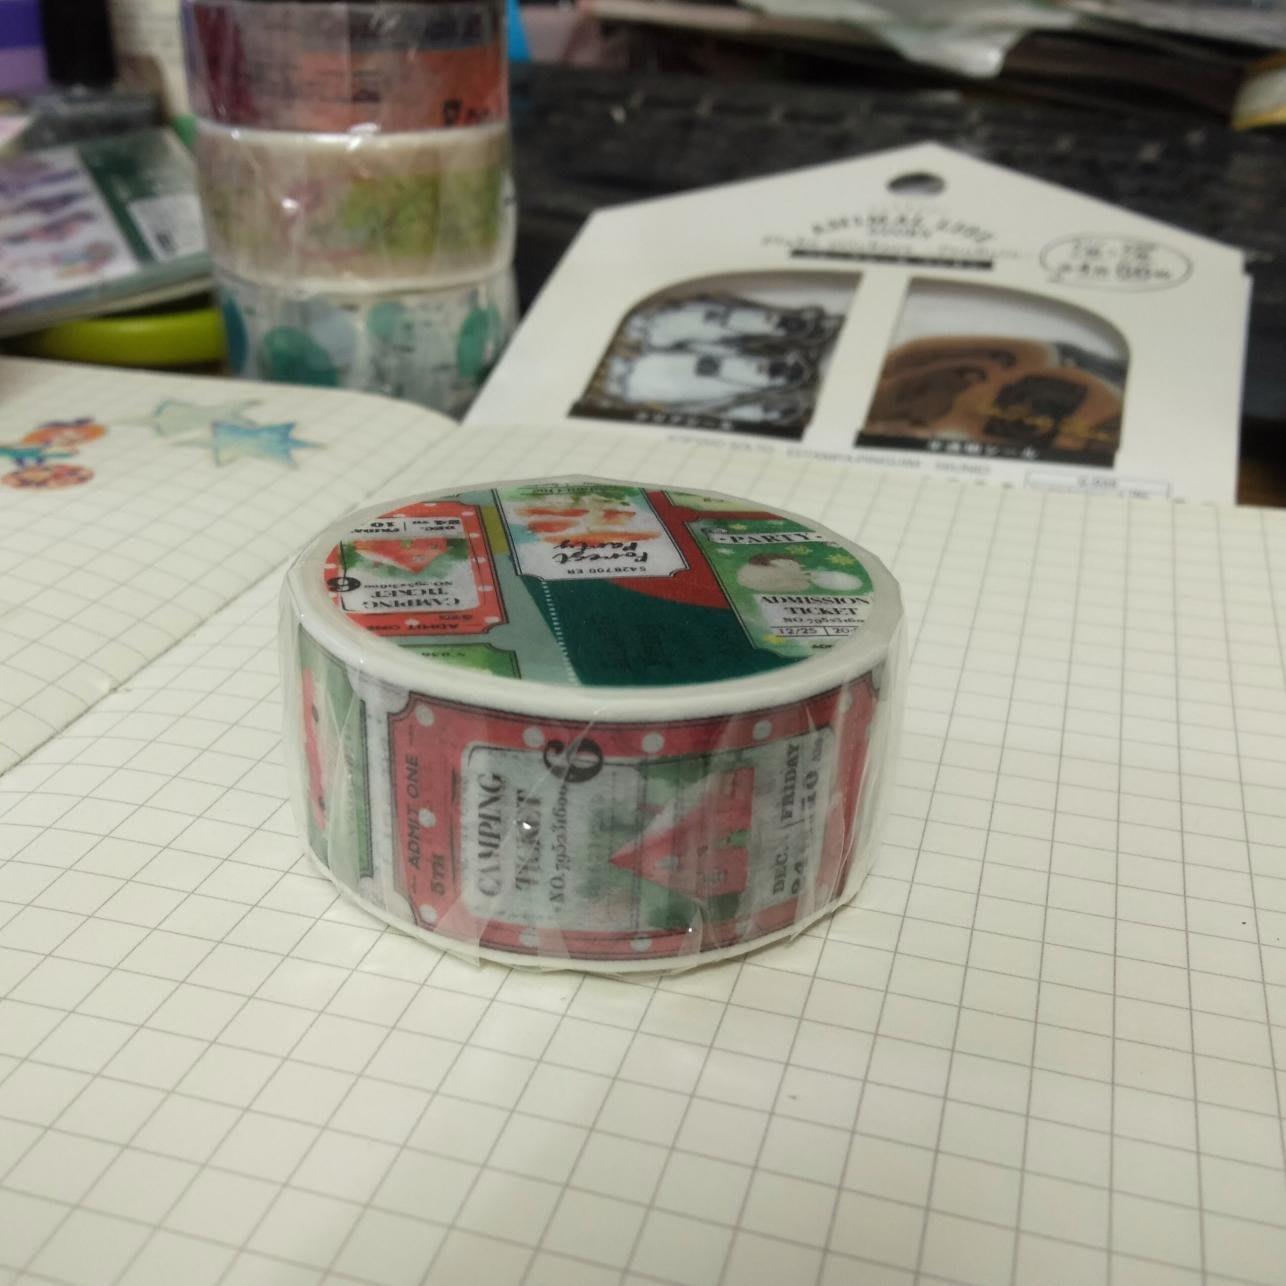 【R的雜貨舖】紙膠帶分裝 非整捲 小徑 X 涼丰 冬之宴系列 - 耶誕節來了 Xmas is coming